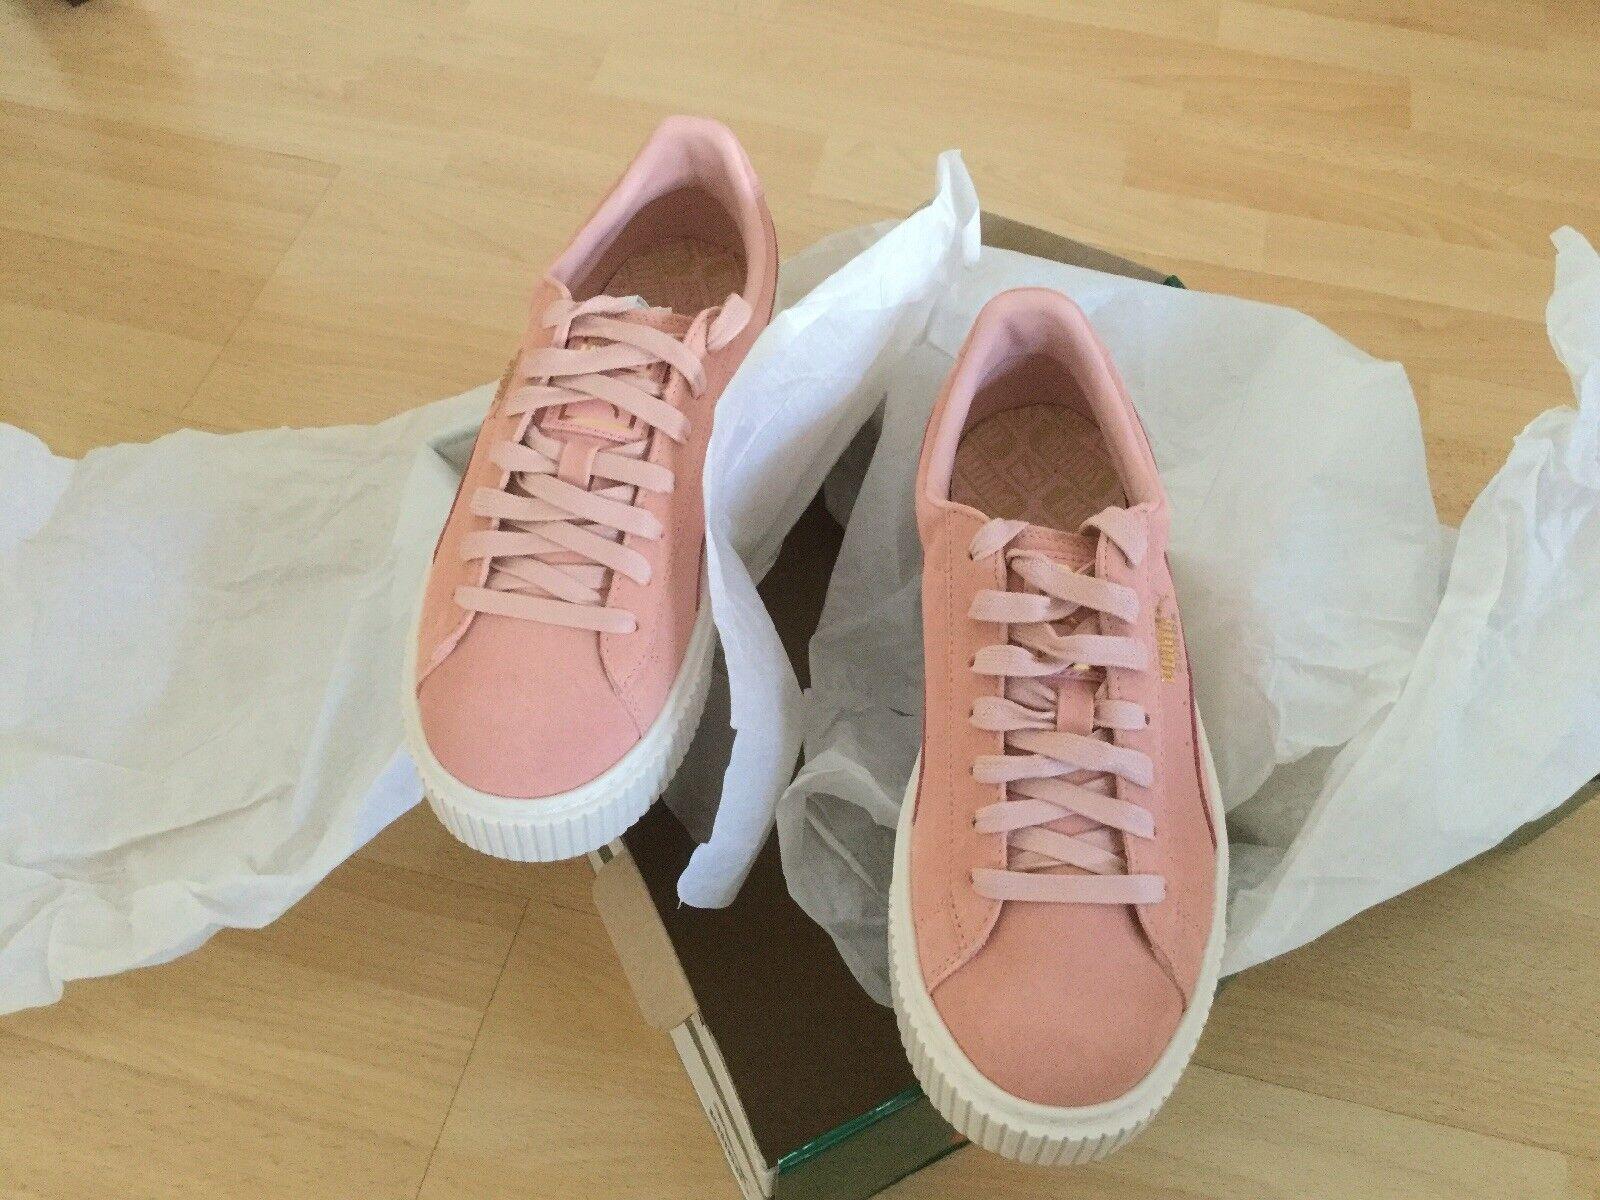 Puma Suede Platform Core (Farbe Damen Sneaker  363559-05 (Farbe Core Coral) 4c3249